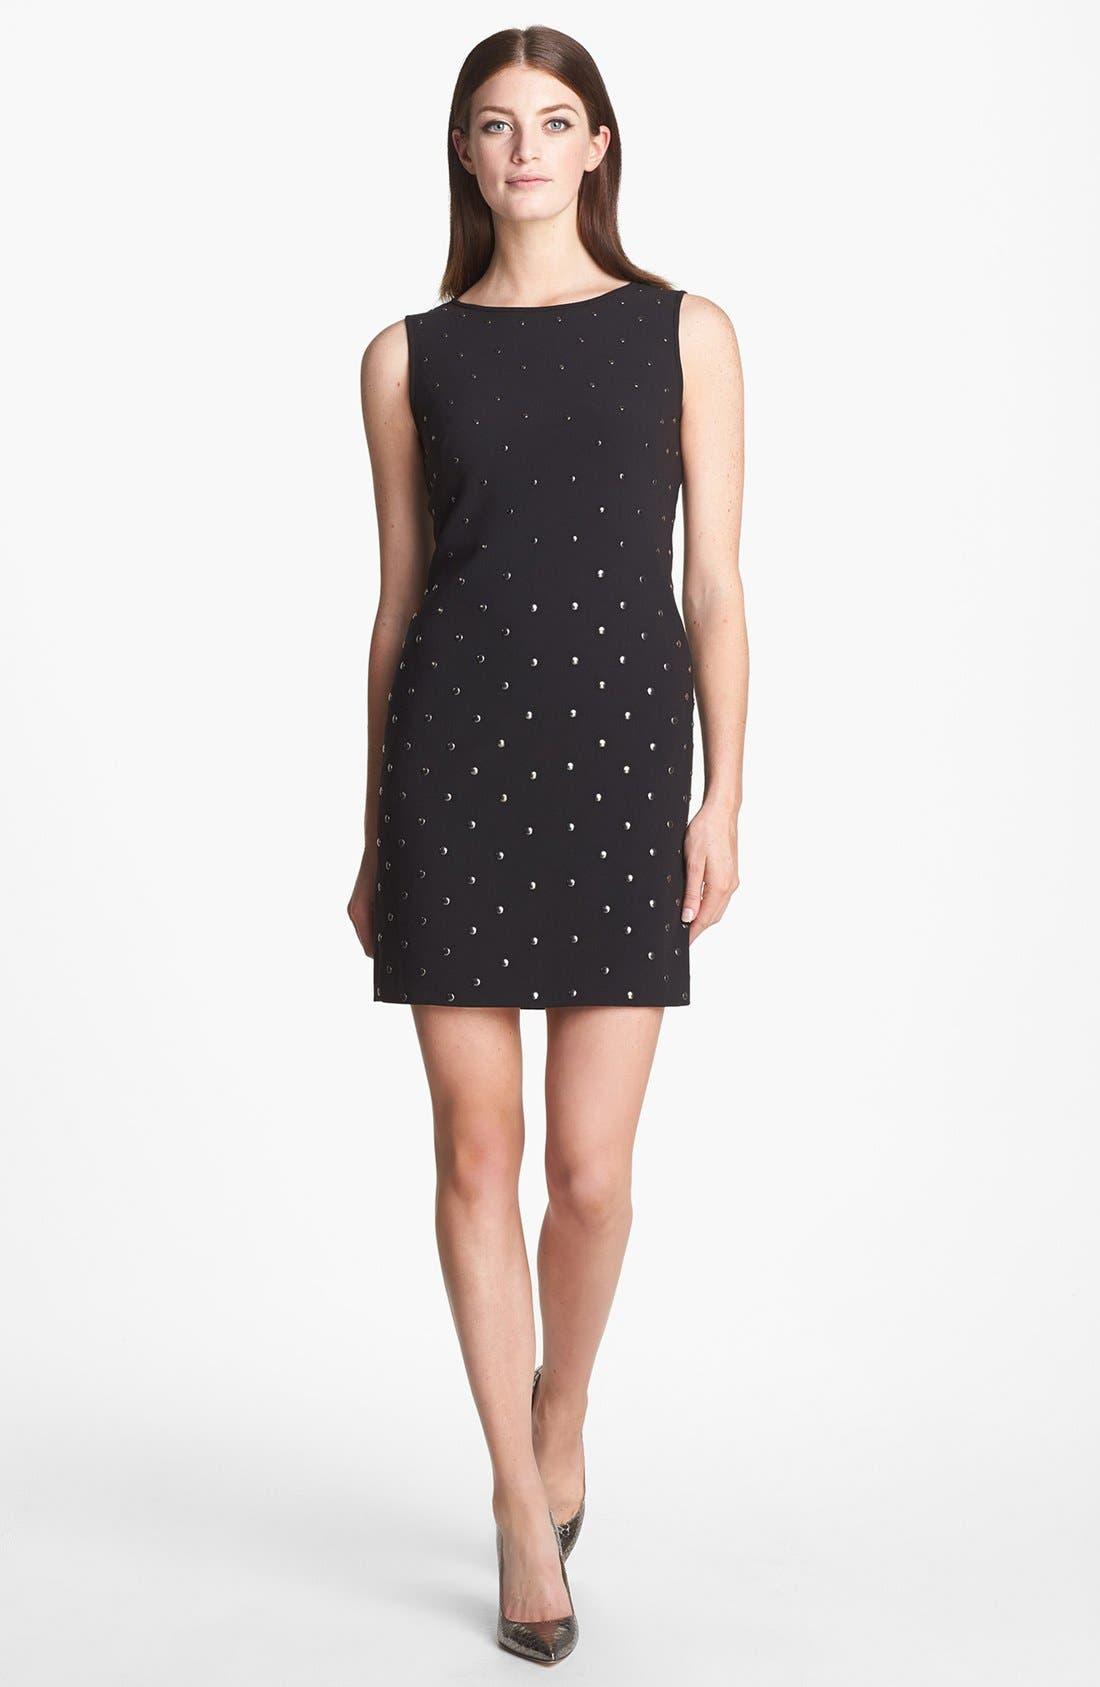 Main Image - Aidan by Aidan Mattox Studded Ponte Knit Sheath Dress